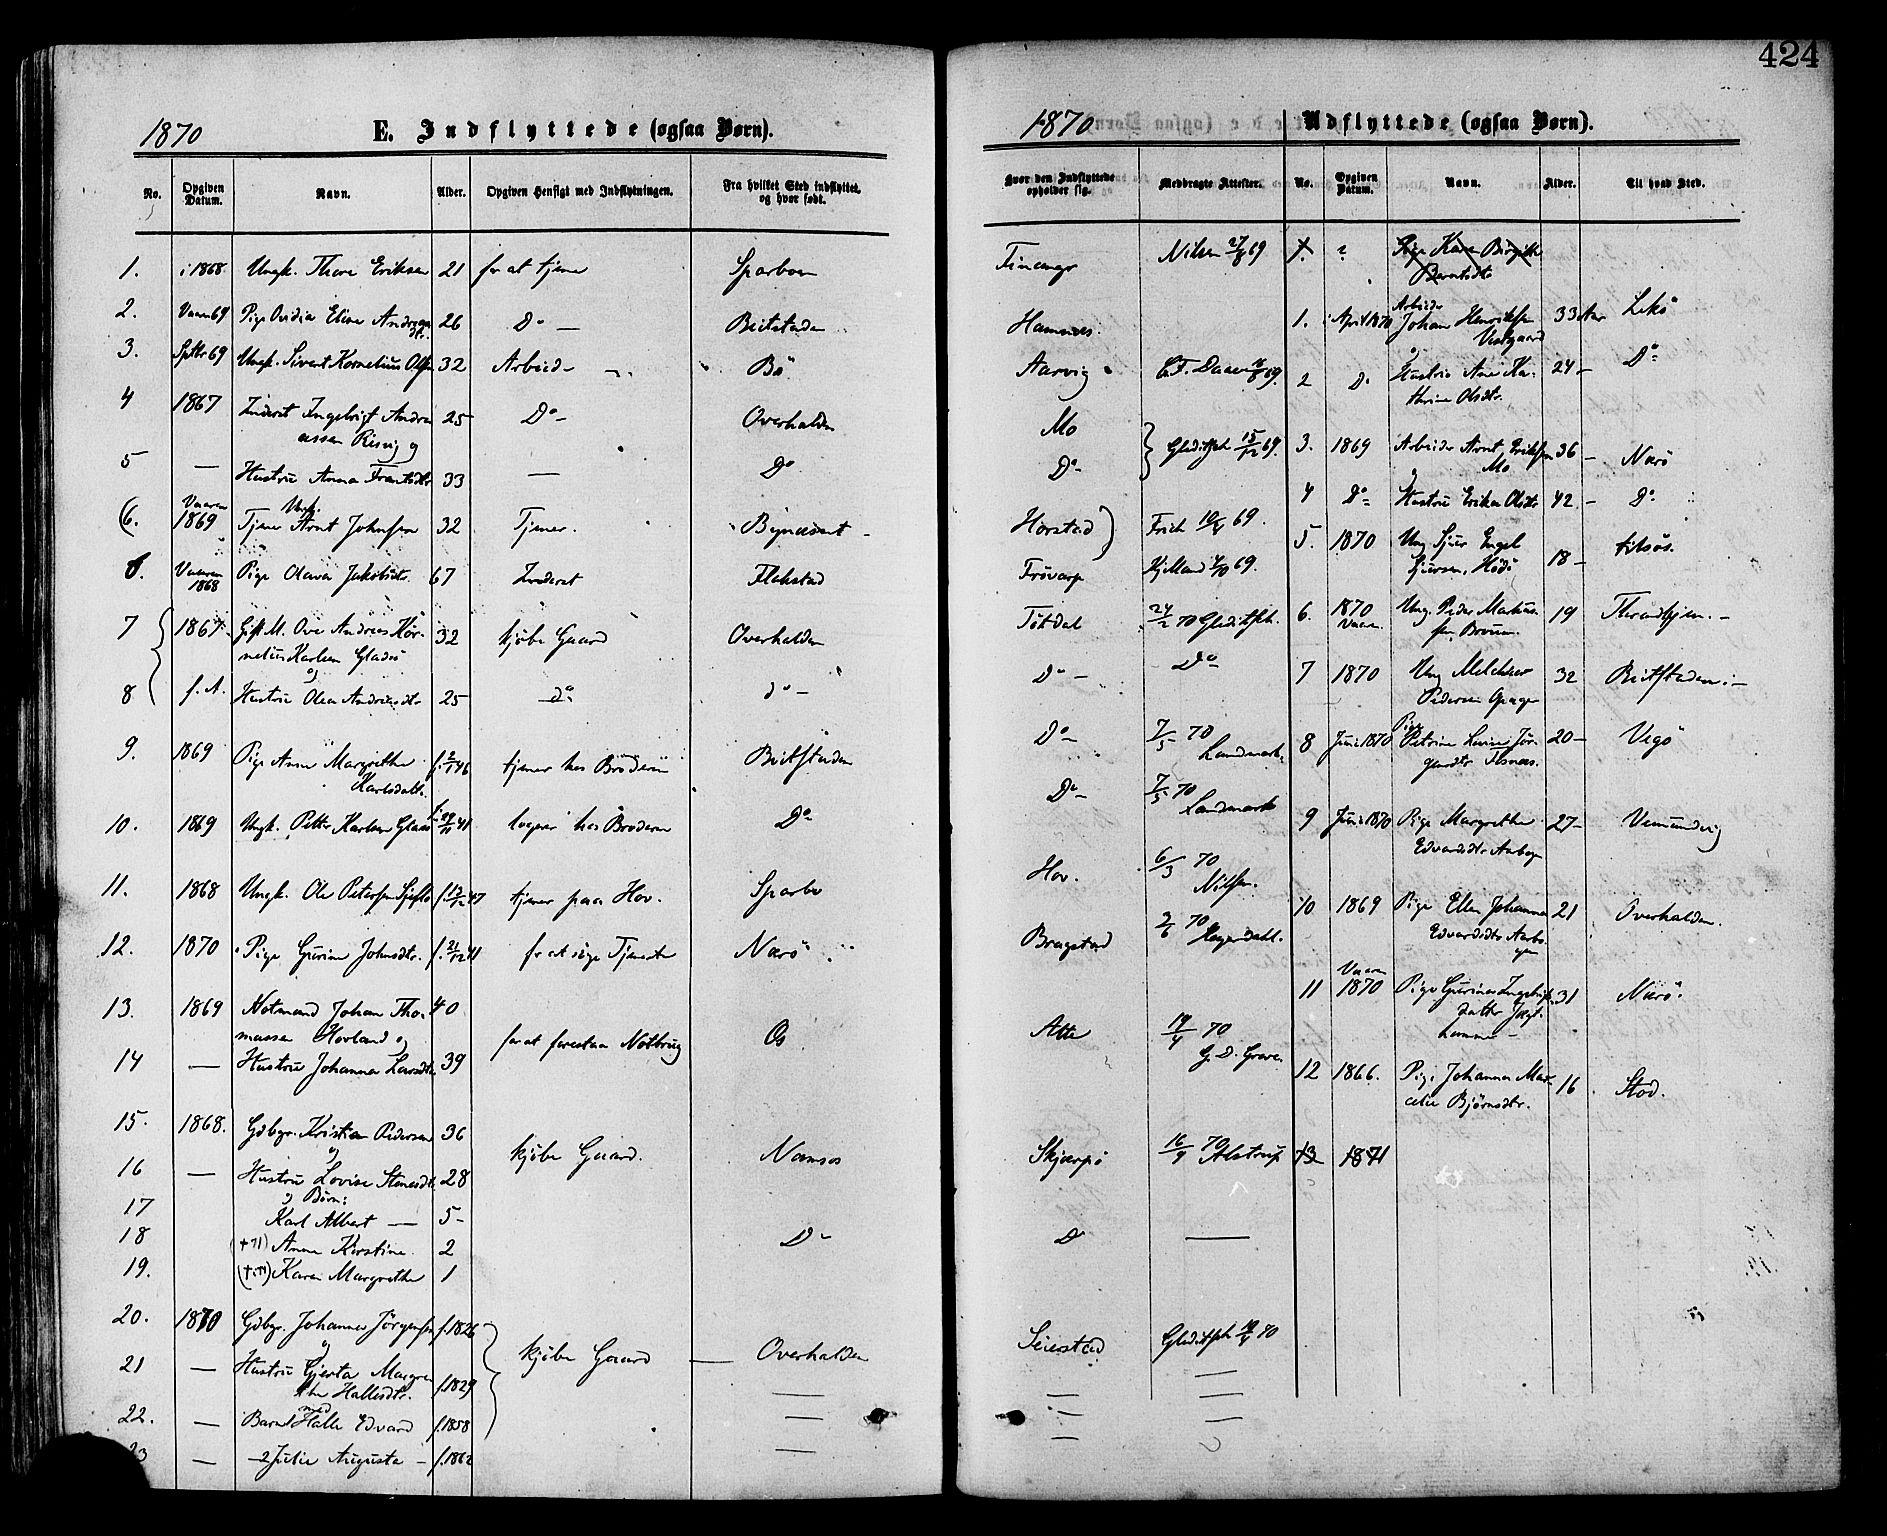 SAT, Ministerialprotokoller, klokkerbøker og fødselsregistre - Nord-Trøndelag, 773/L0616: Ministerialbok nr. 773A07, 1870-1887, s. 424